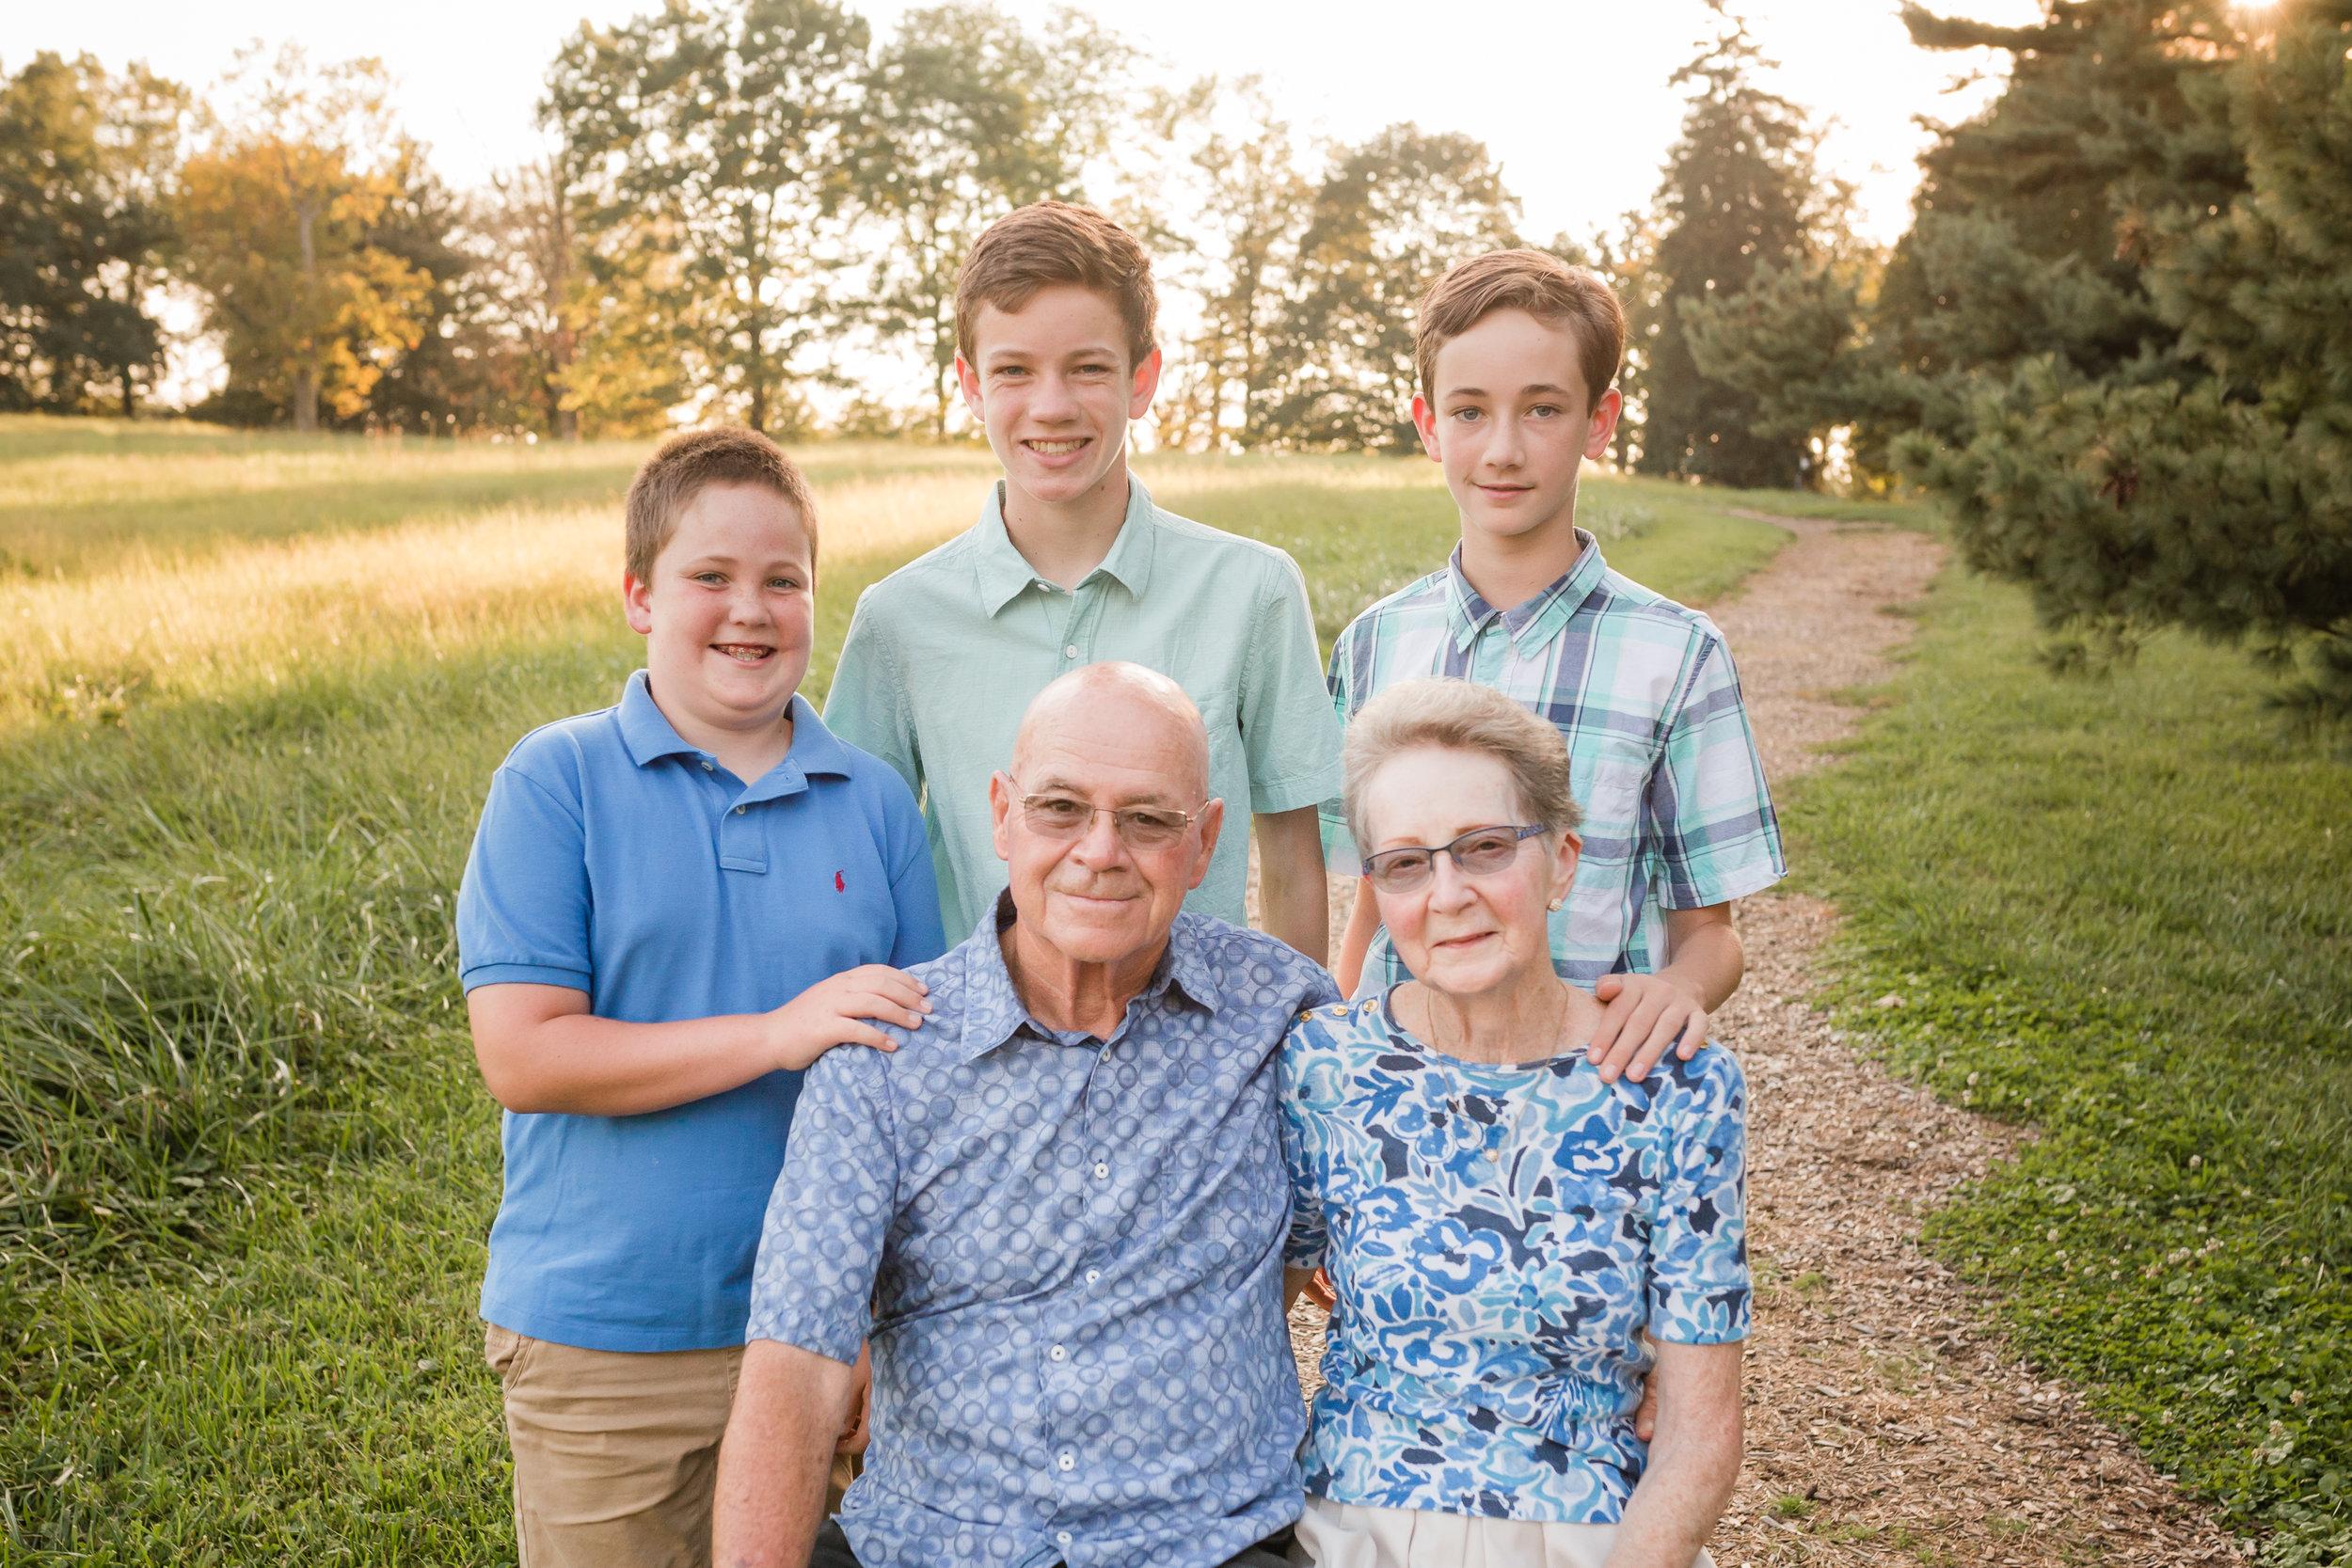 Frain Extended Family Session-9658.jpg